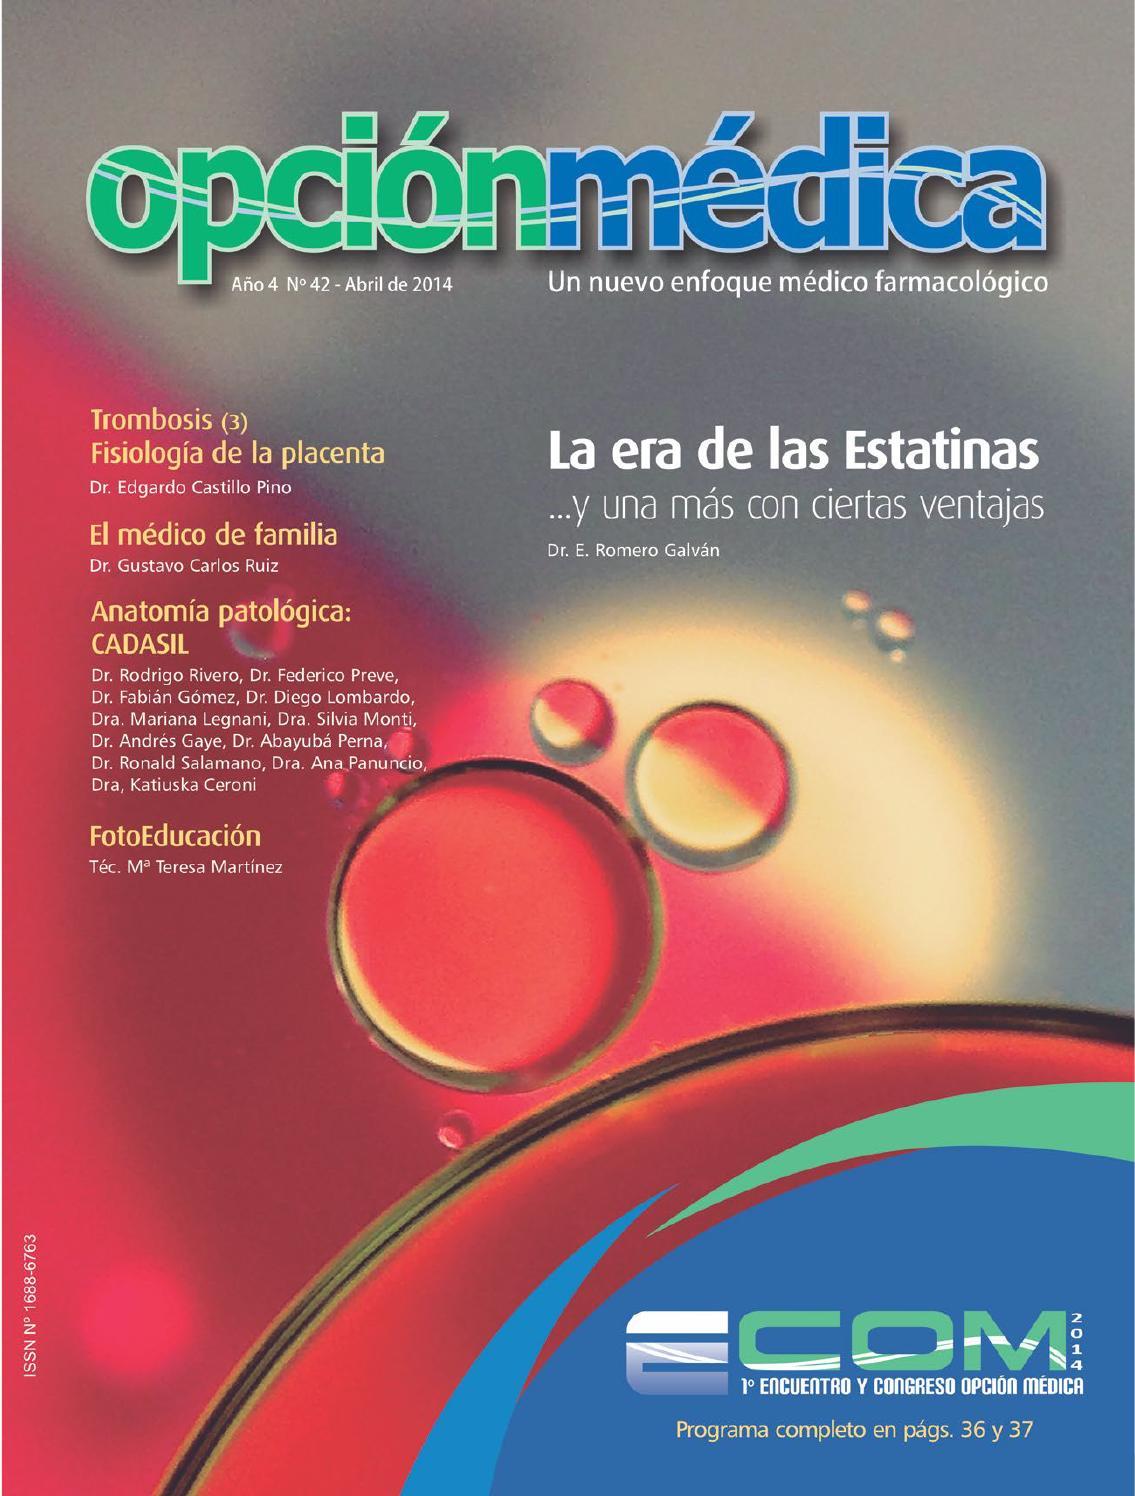 factor de corrección de los tintes de fluor alexa en diabetes